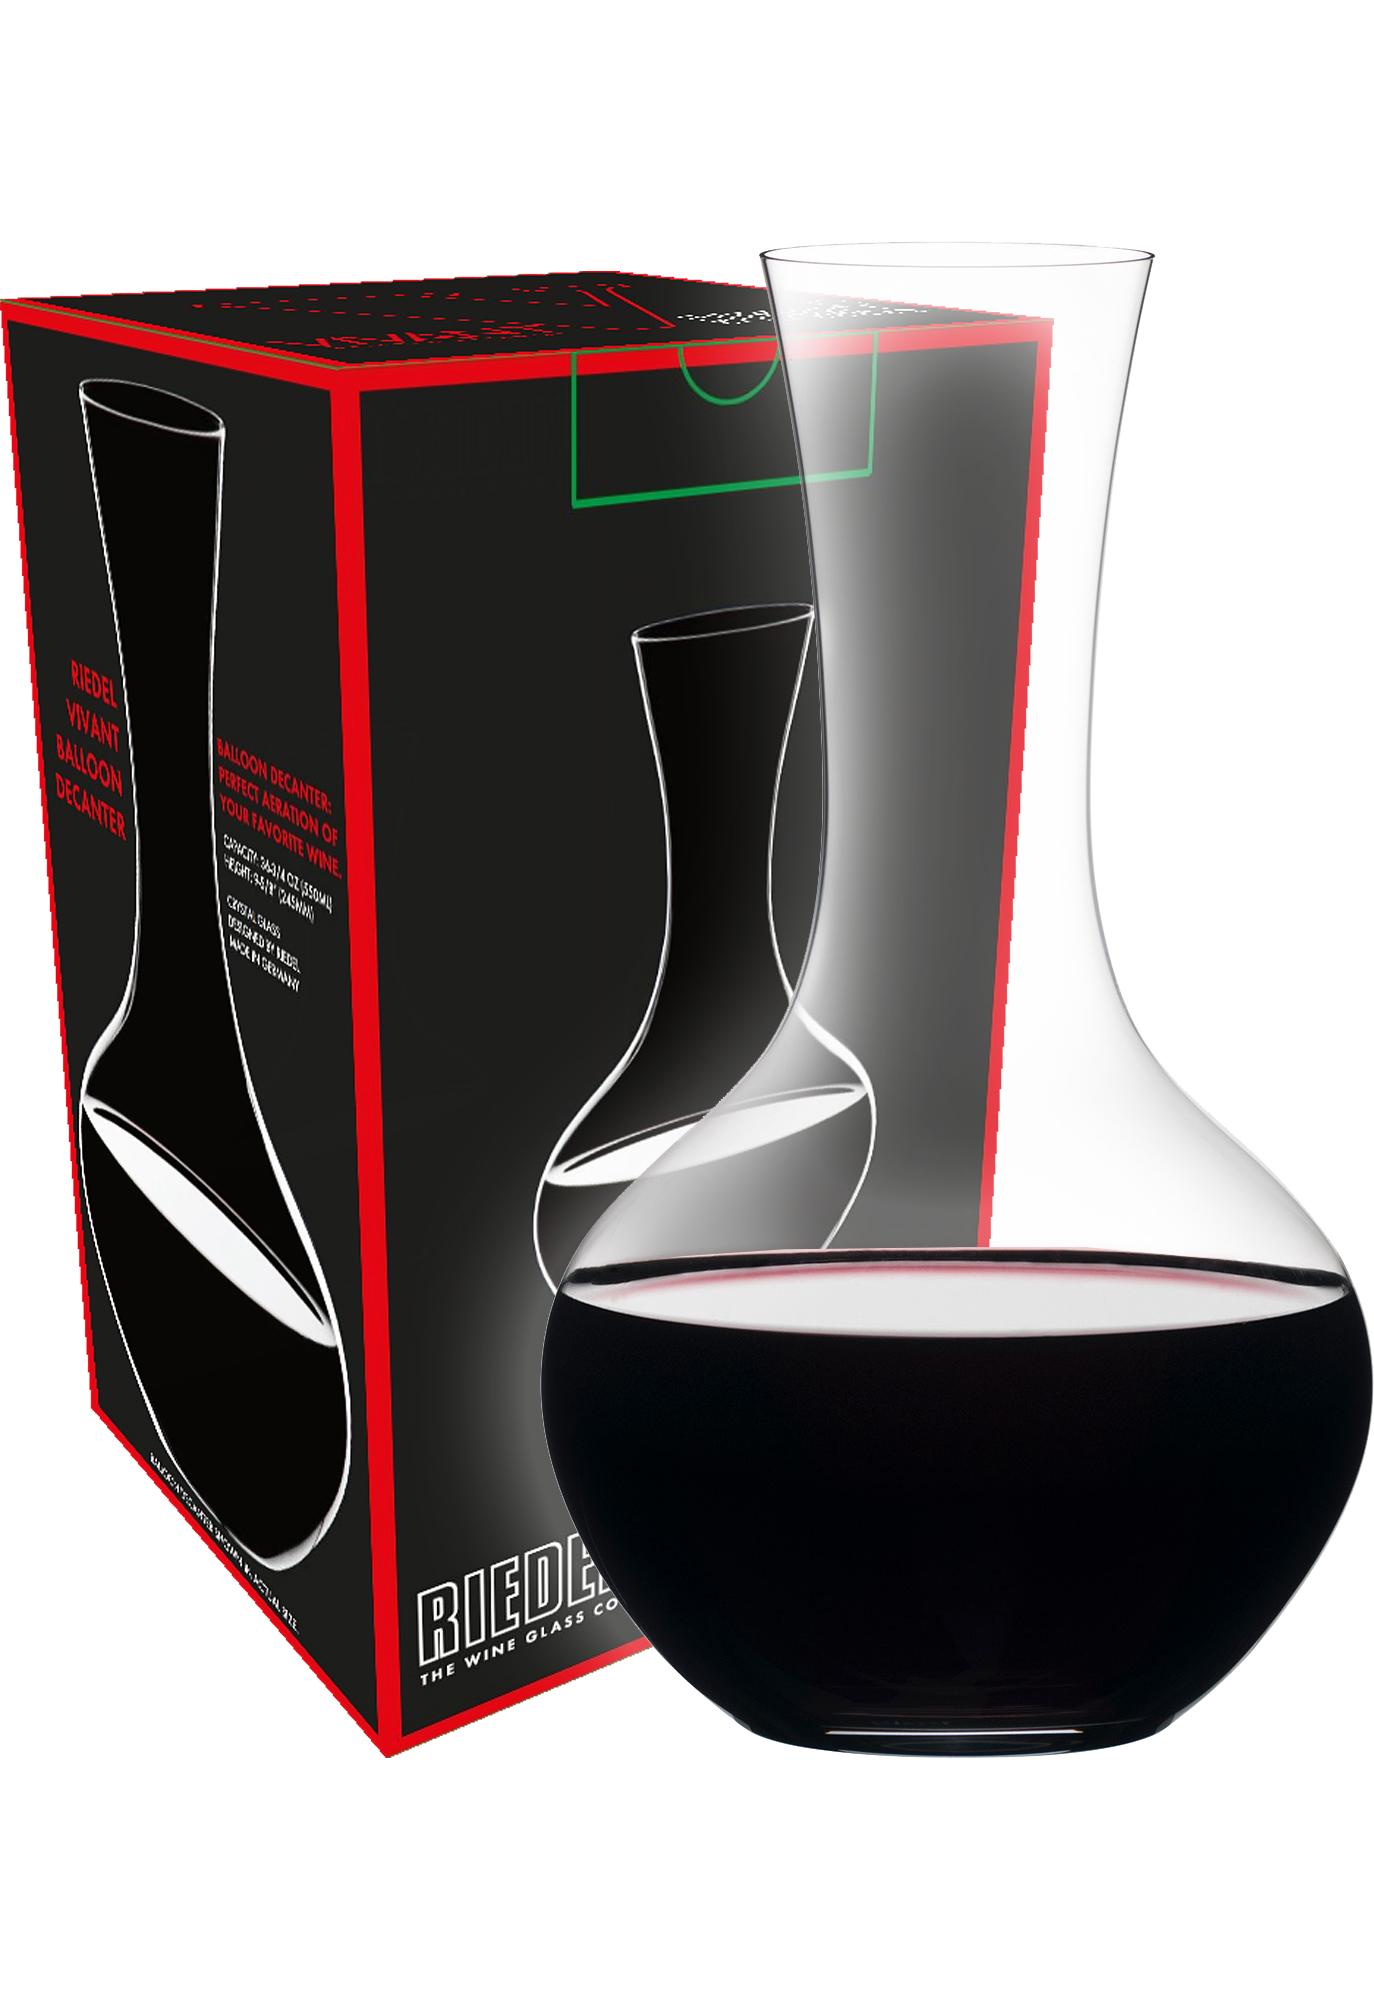 Riedel Decanter Vivant wijnkaraf